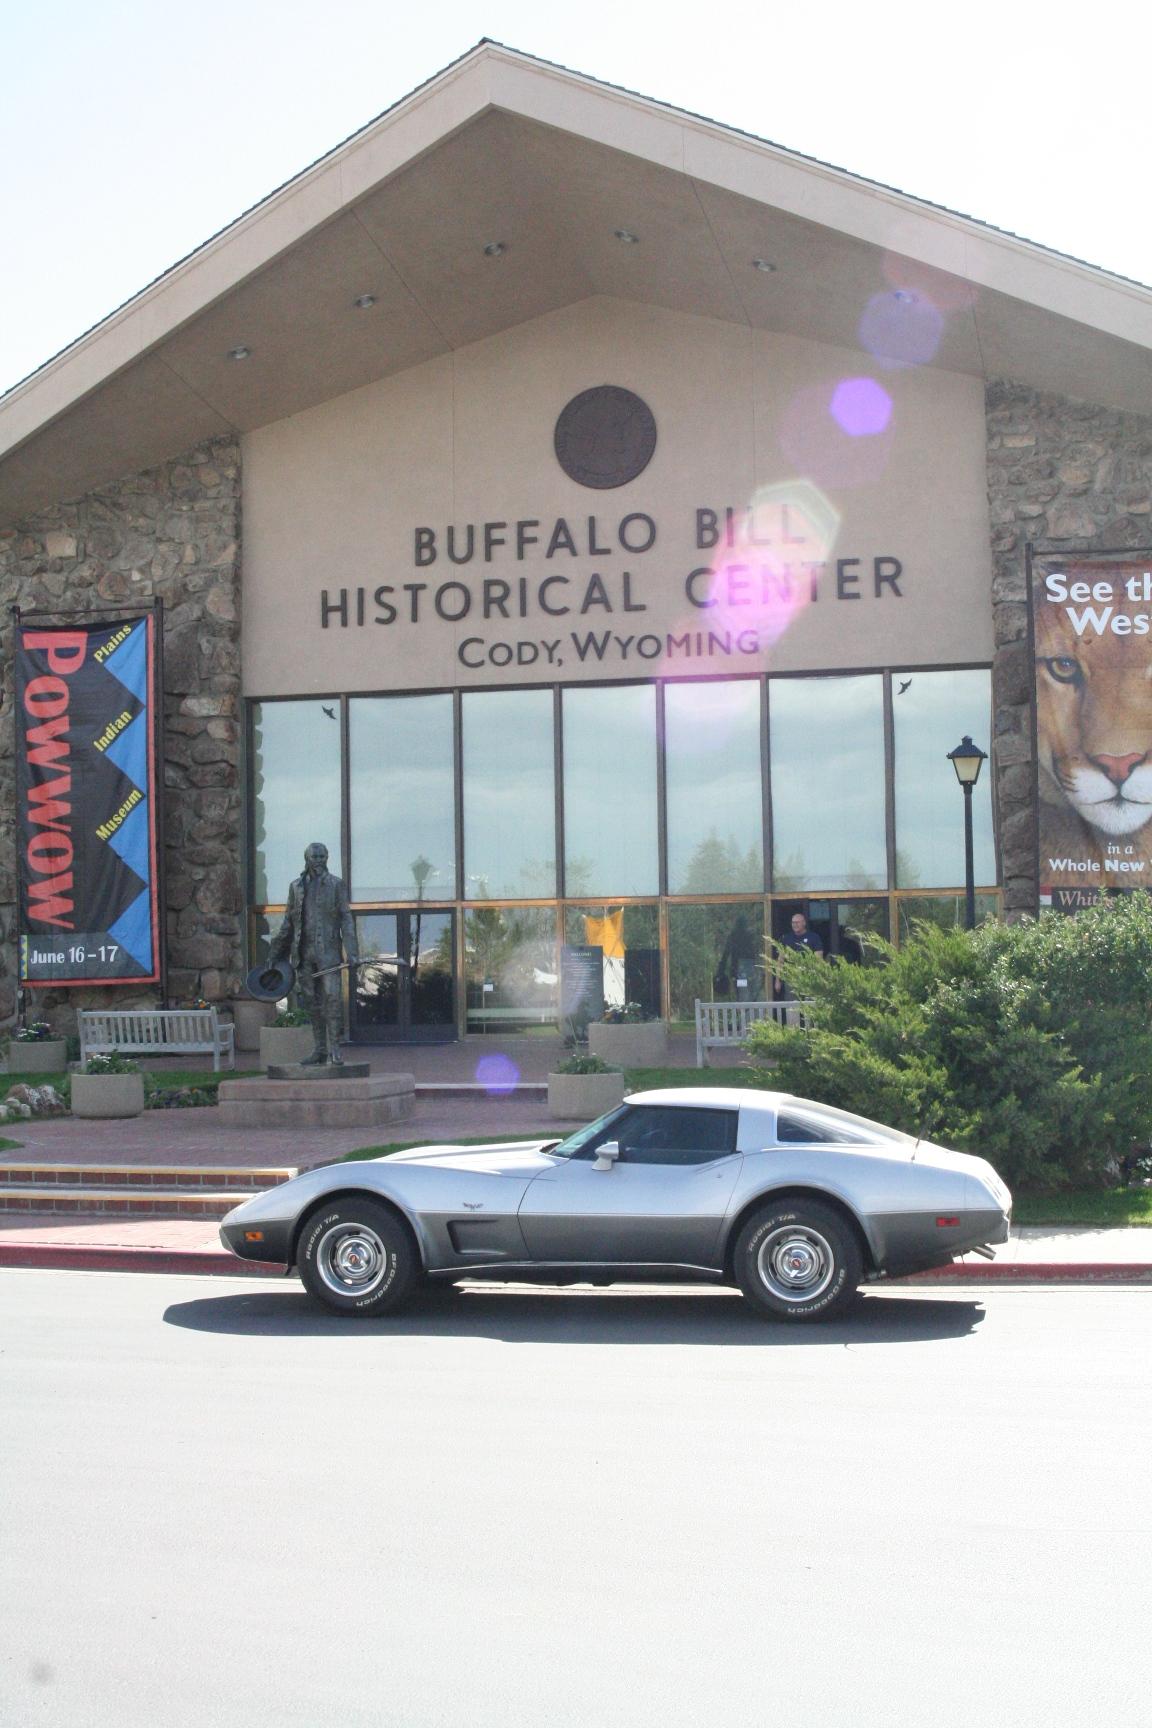 Buffalo Bill Hist. Ctr., Cody Wyo.